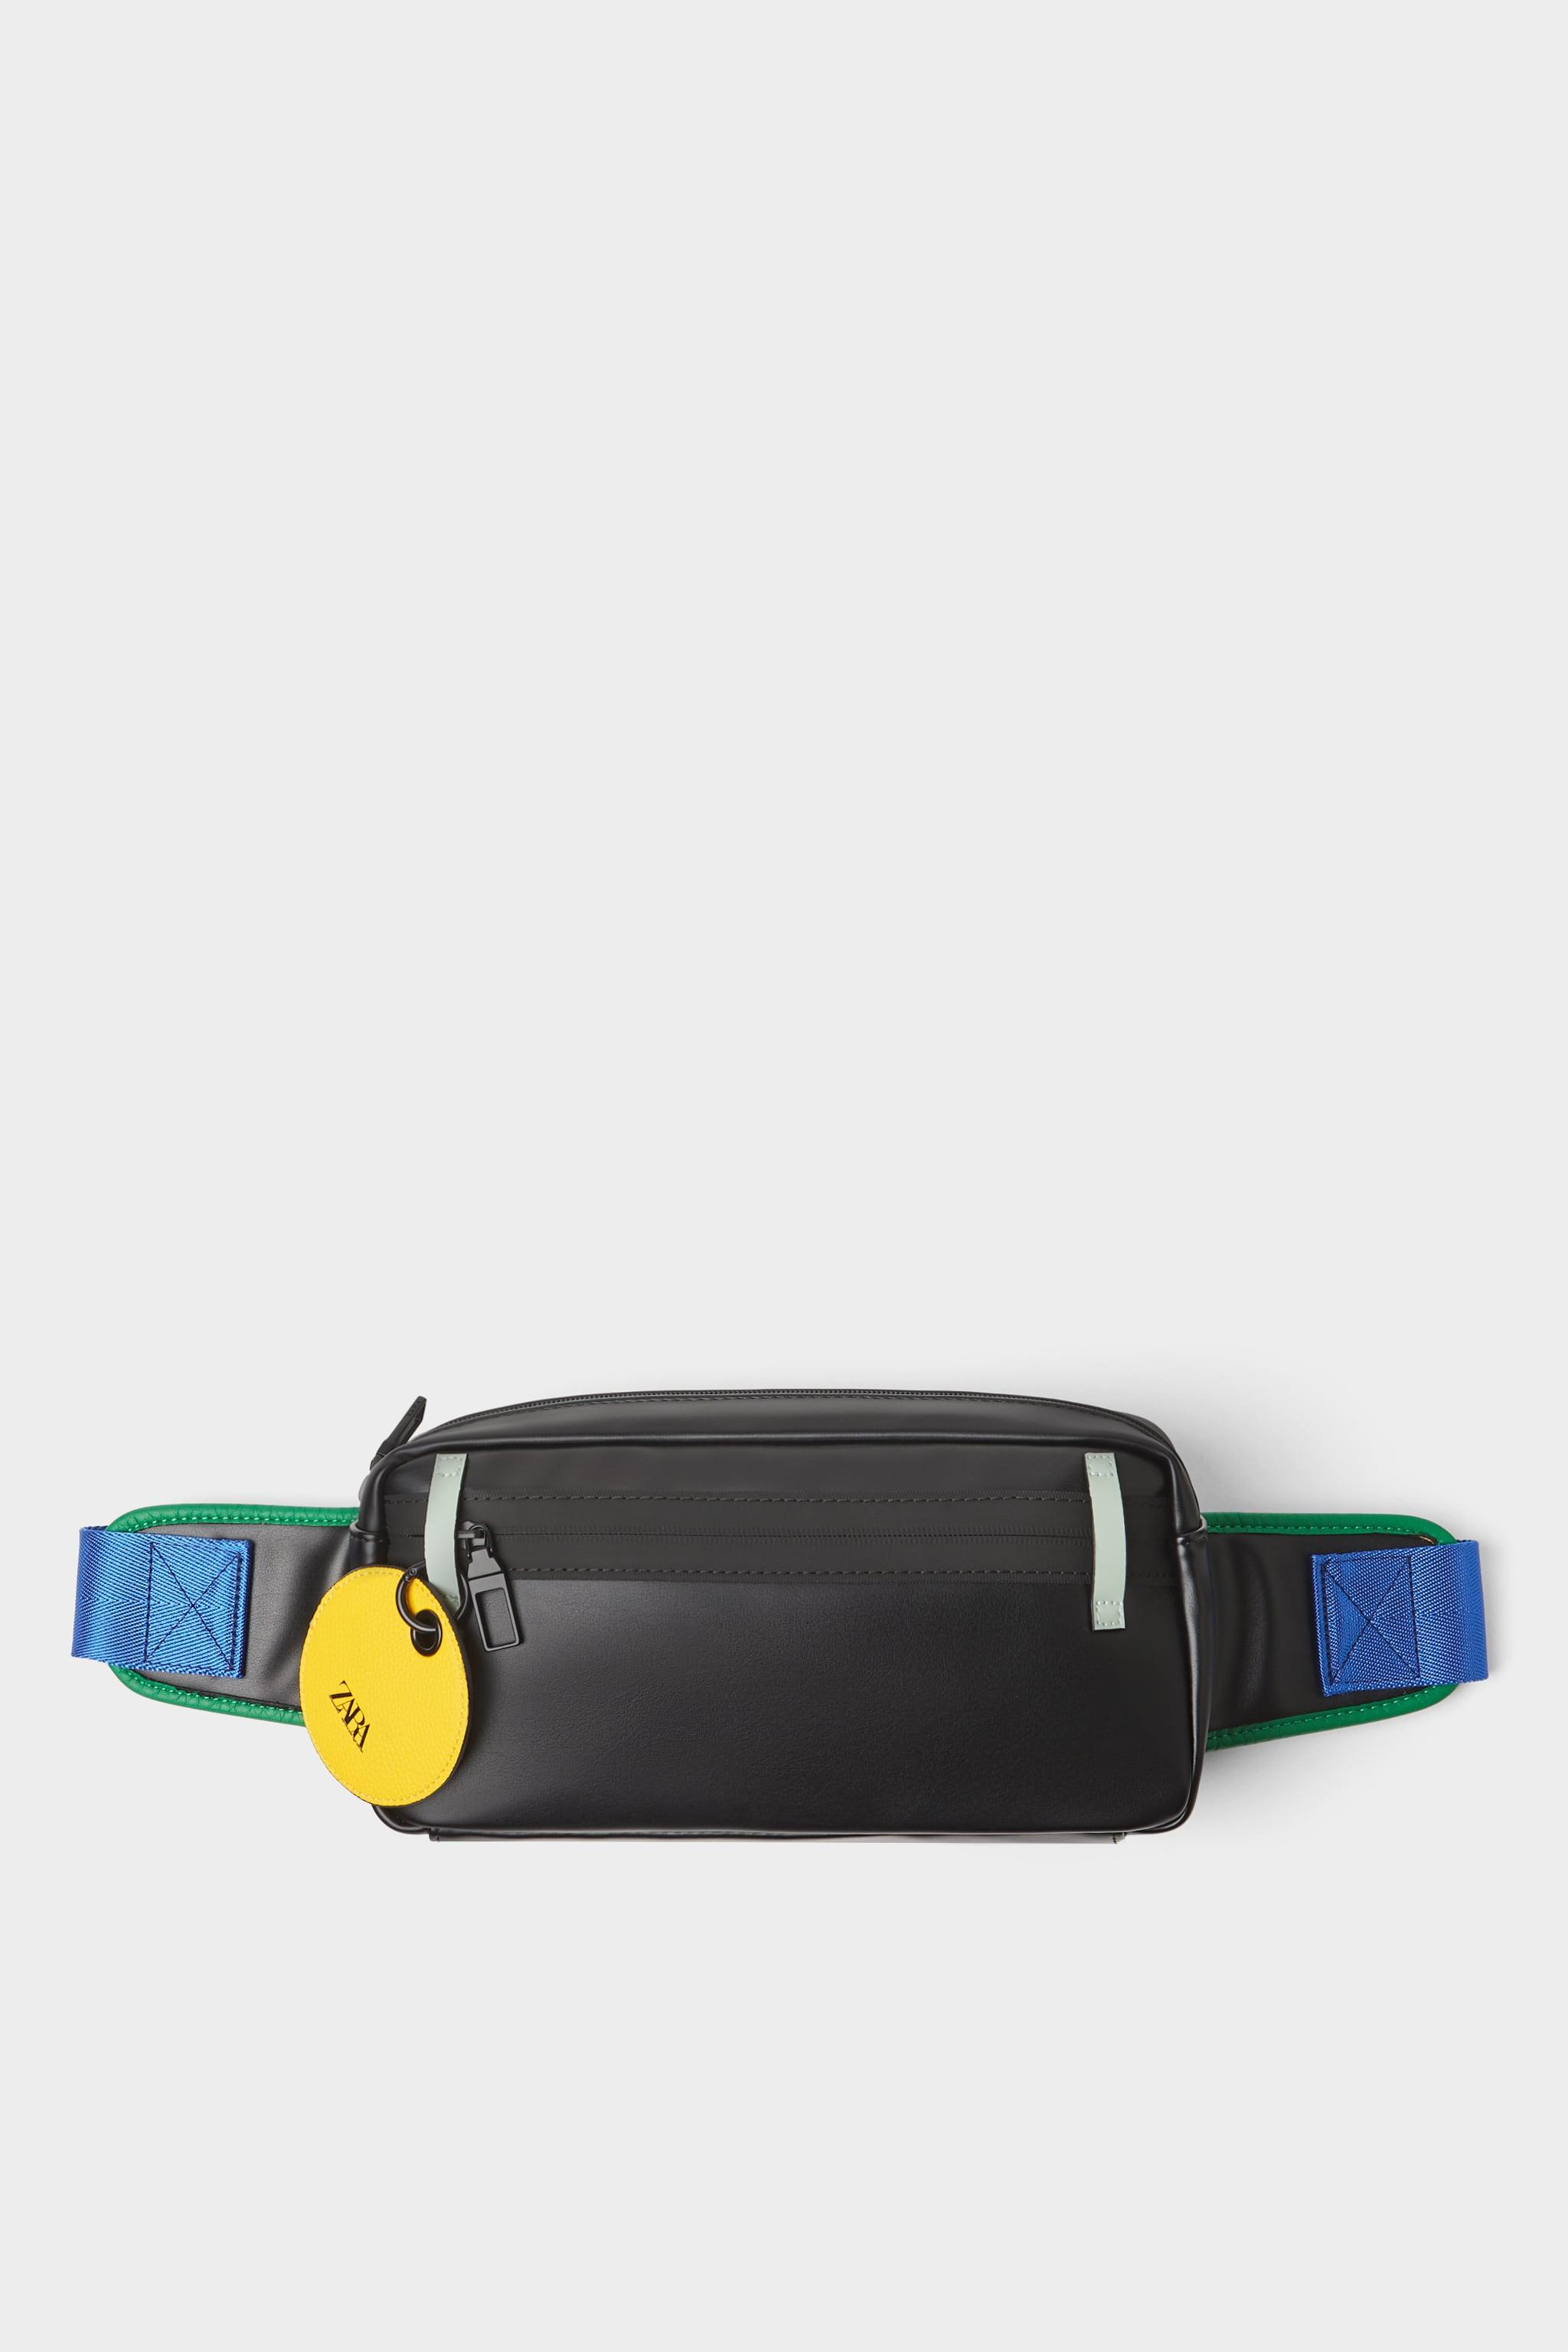 ddd81a0d90c1 Zara BLACK BELT BAG WITH COLOR TRIM